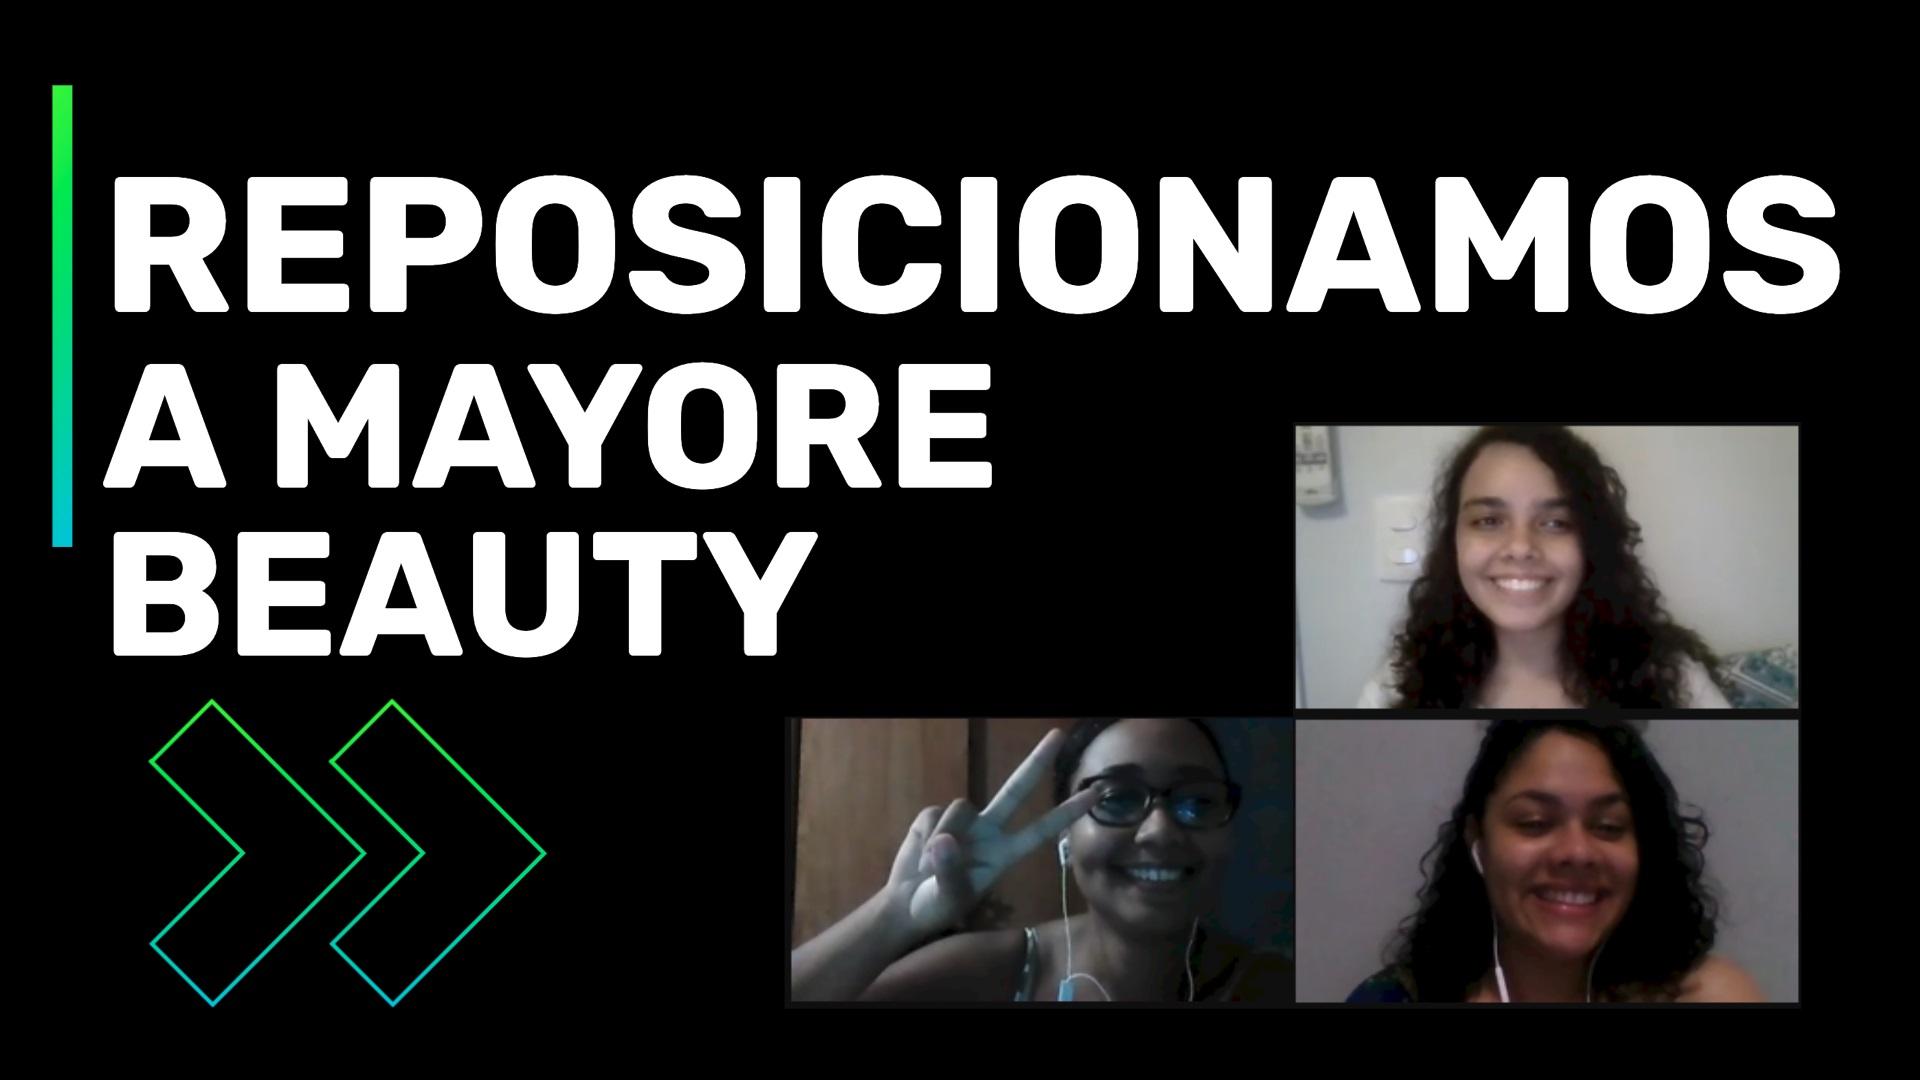 Do lado direito da tela três mulheres muito felizes, ambas estão em suas casas olhando para a câmera sorrindo. No canto superior da tela, a seguinte frase: Reposicionamos a Mayore Beauty.